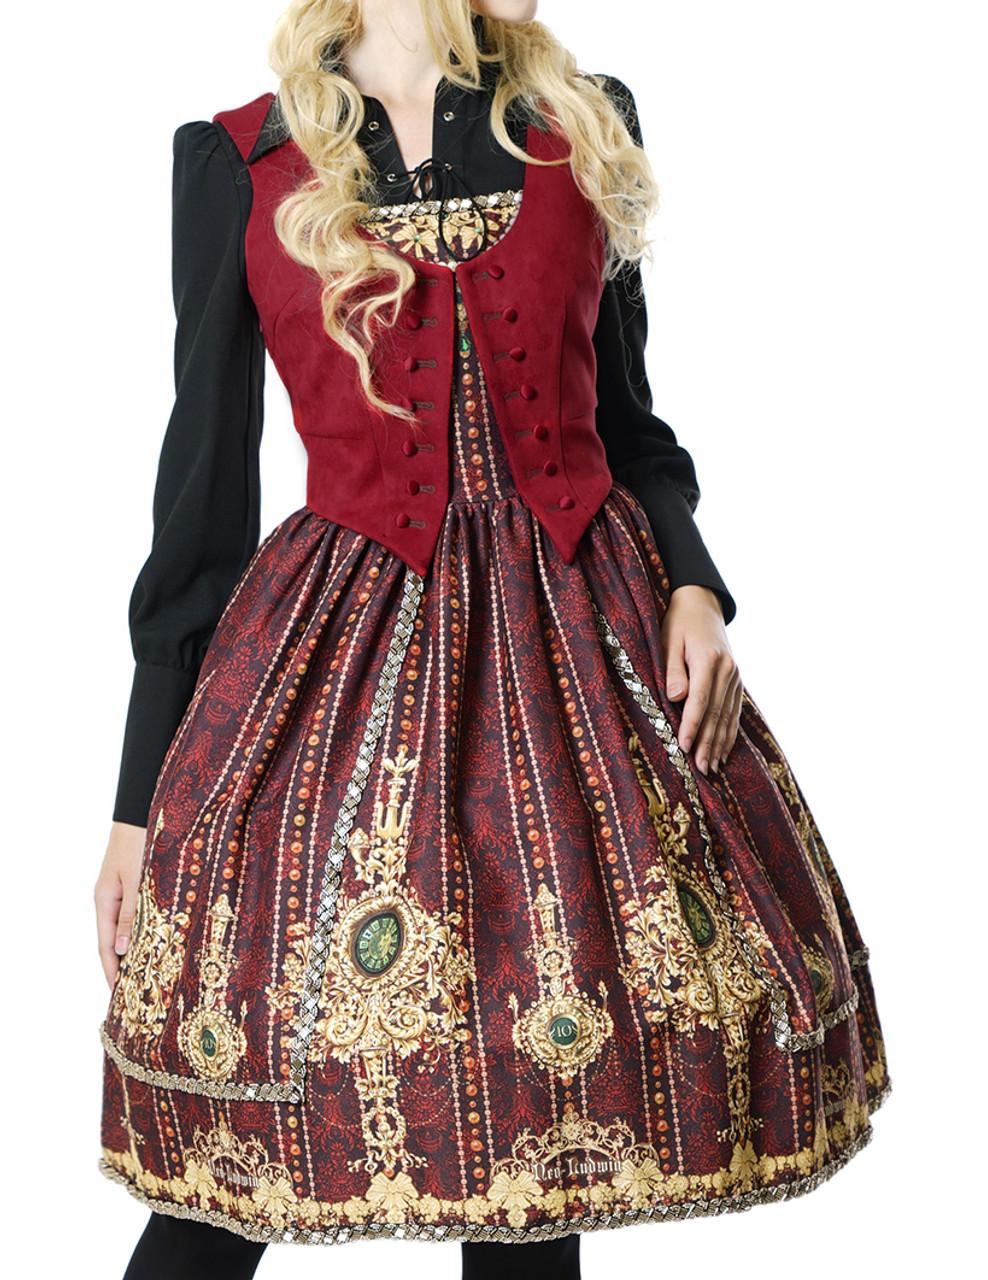 246258e70cd Last Chance  Gothic Lolita Fashion Dress Tuxedo Ball Dress black ...